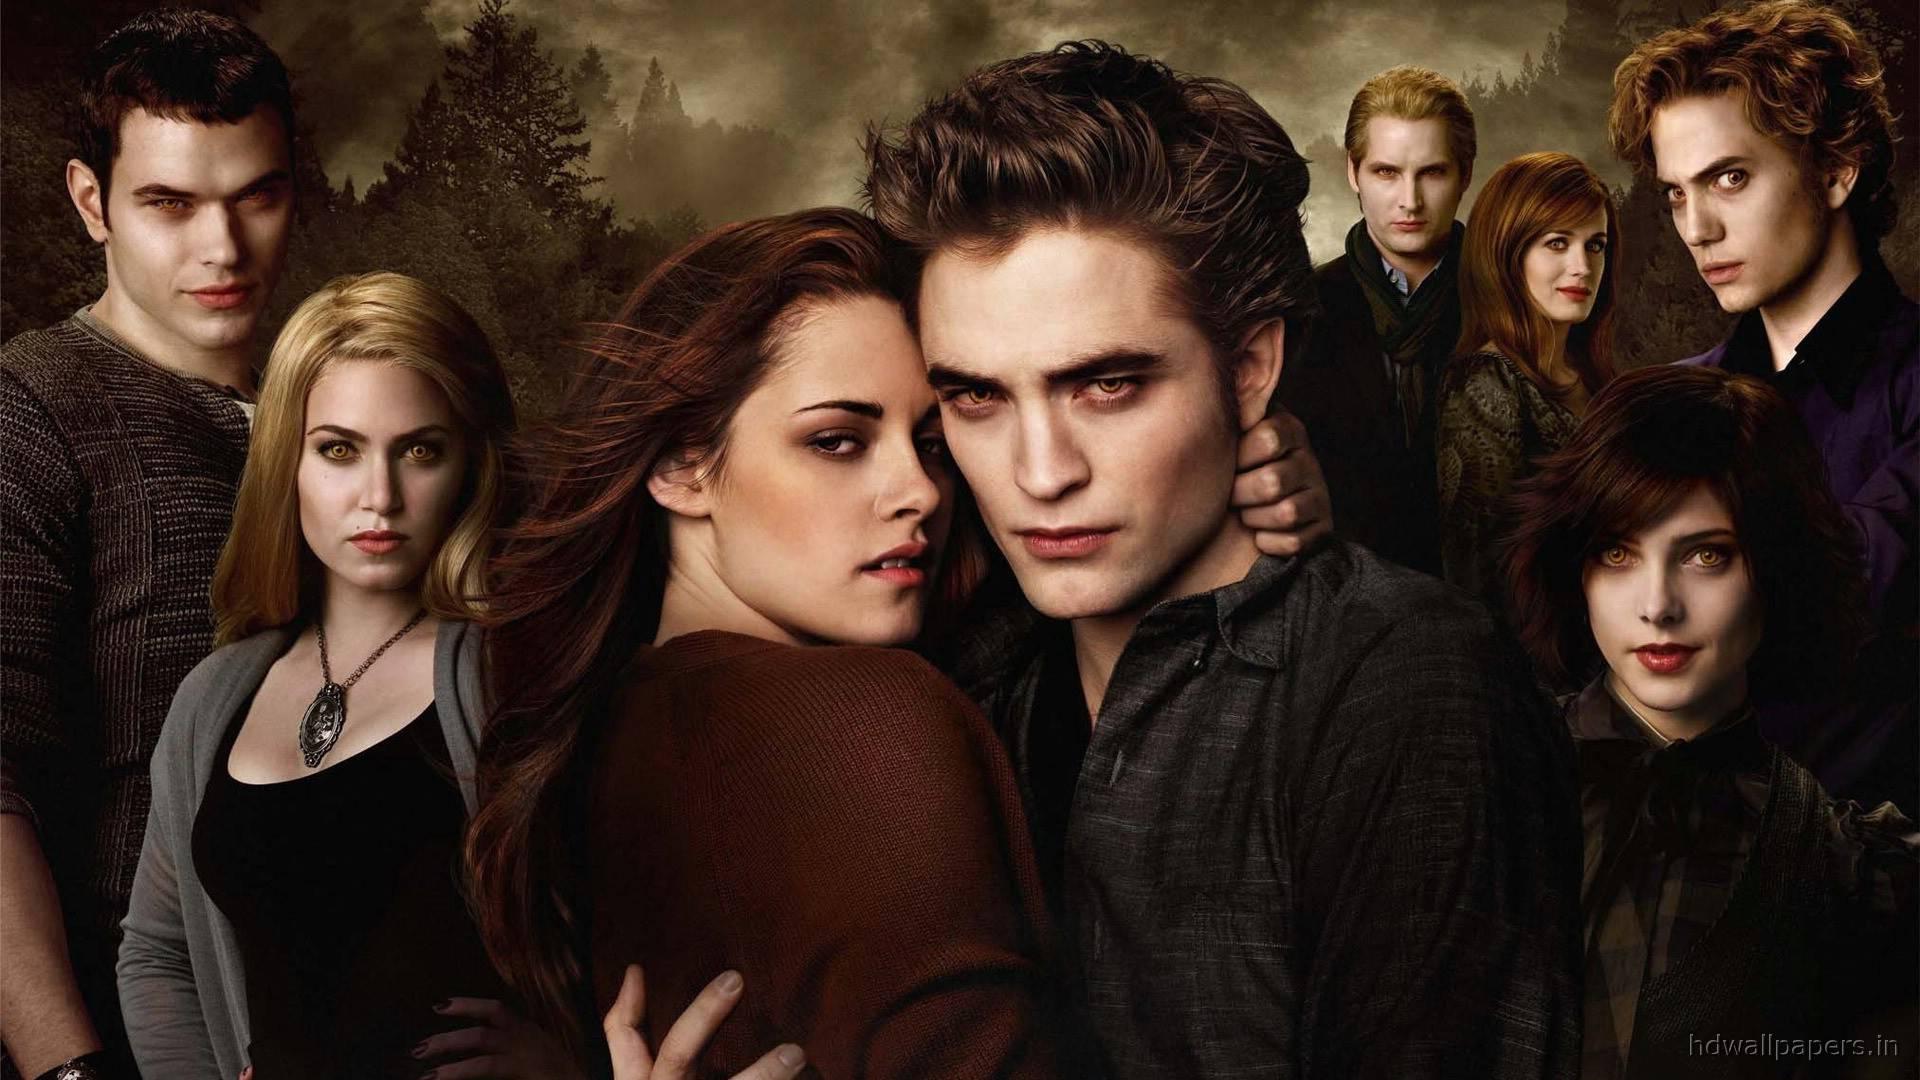 Twilight, il ritorno della saga: dopo tanta attesa, adesso è ufficiale